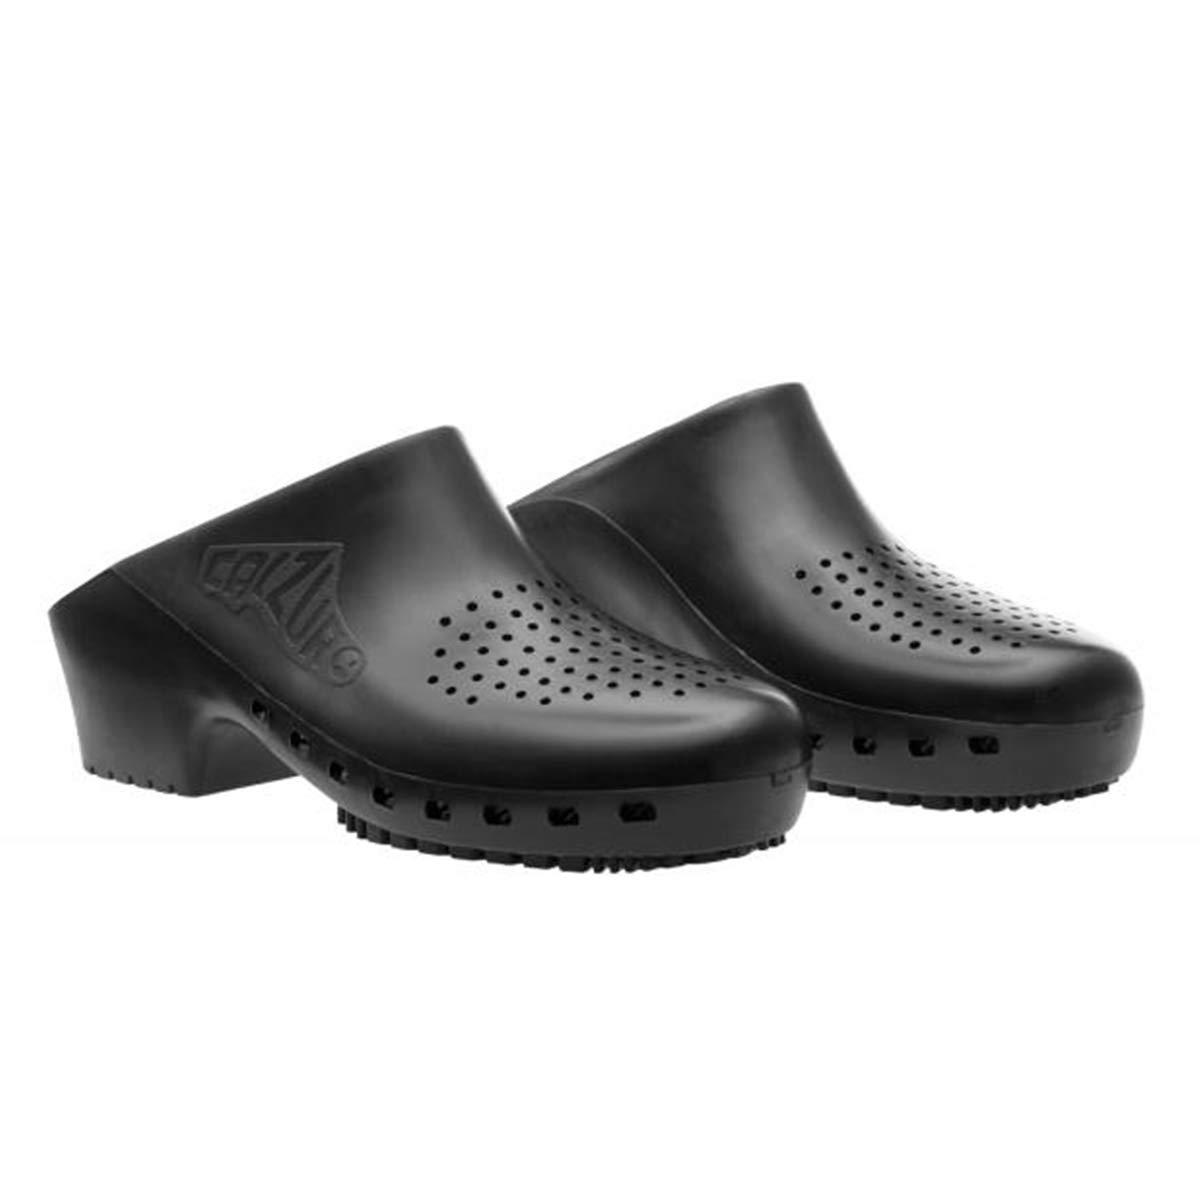 Cascos sanitarios calzuro S Classic con orificios profesionales CE 42-43 azul claro